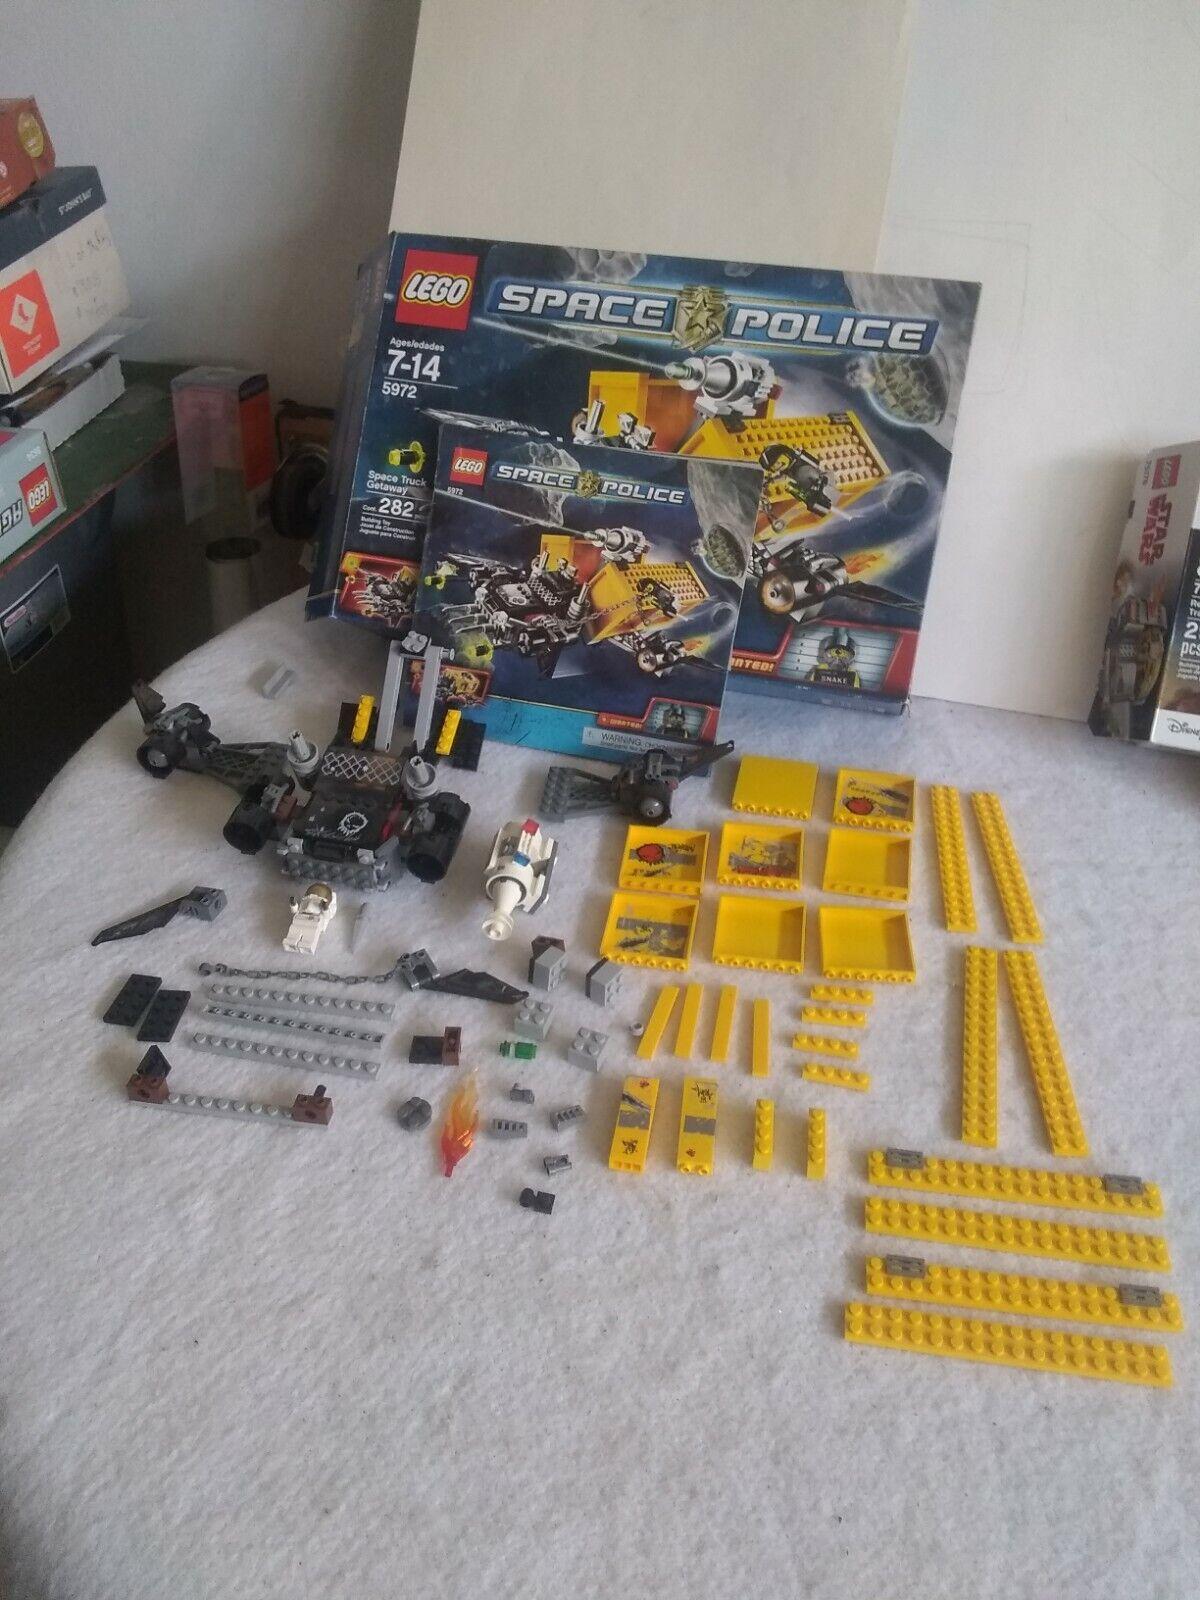 LegoSpace Police  5972 Lego Star Wars  75176 Lego  Harry Potter Bus   4866  livraison gratuite!